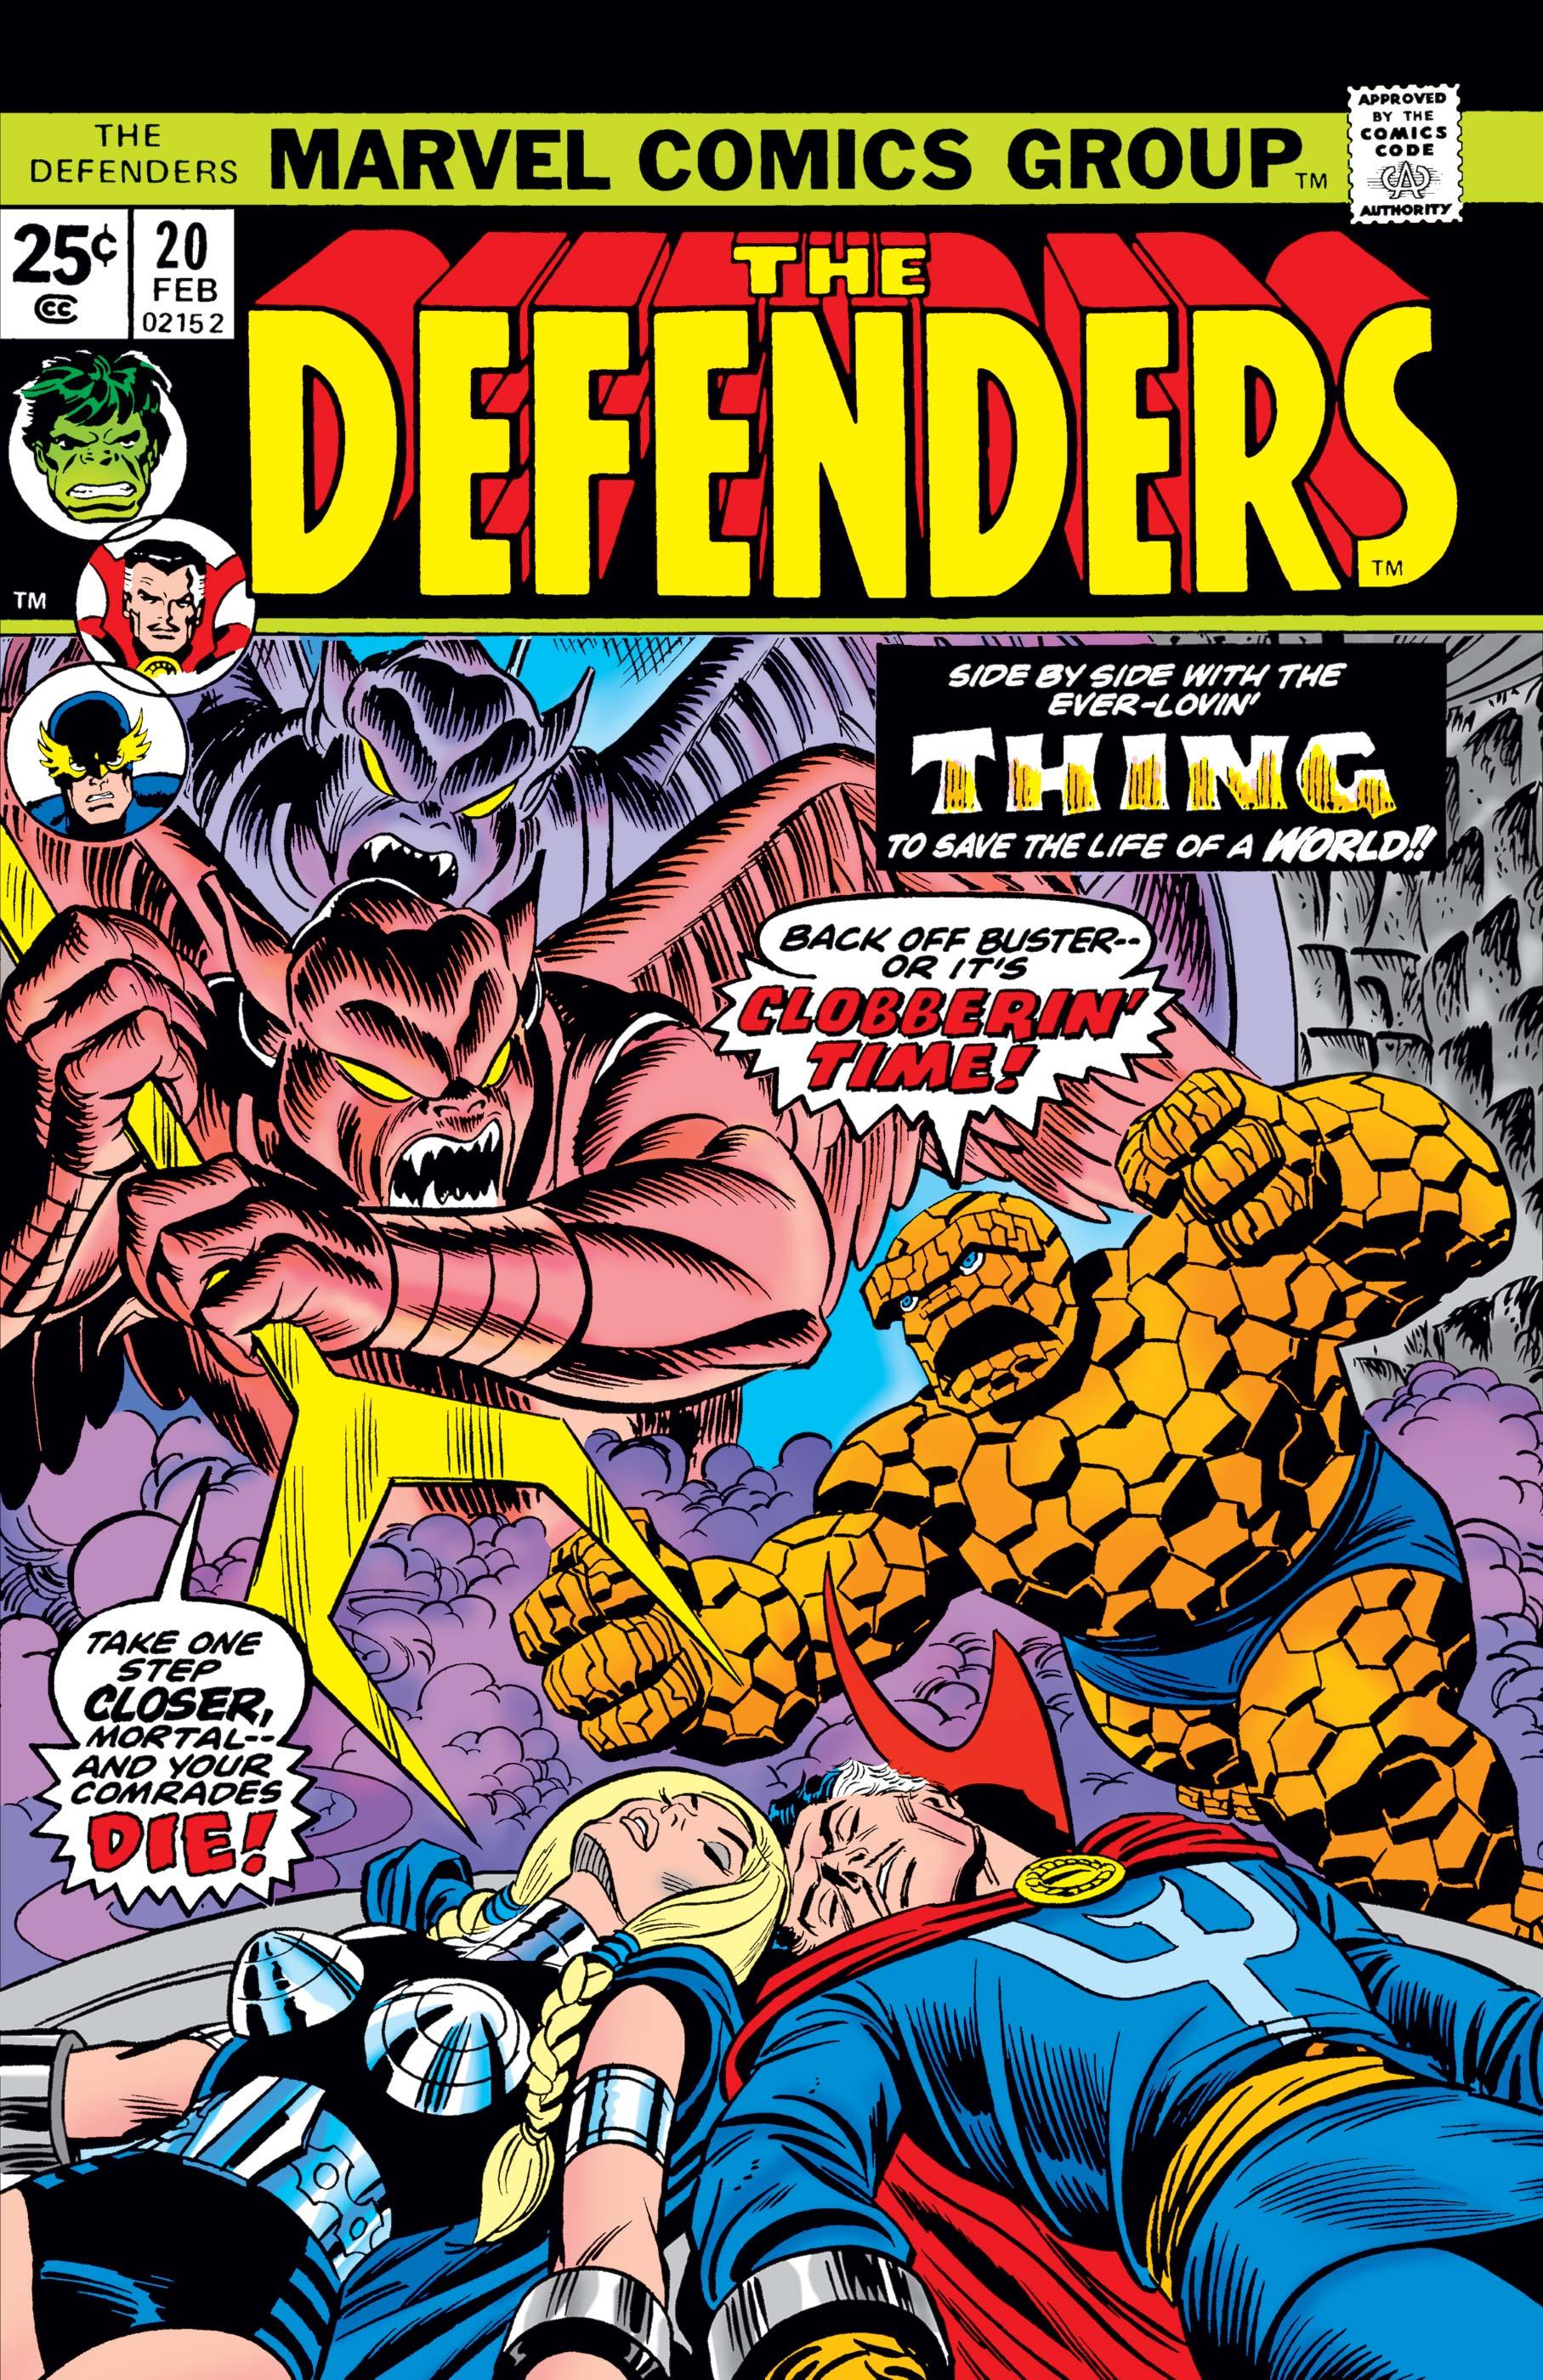 Defenders (1972) #20